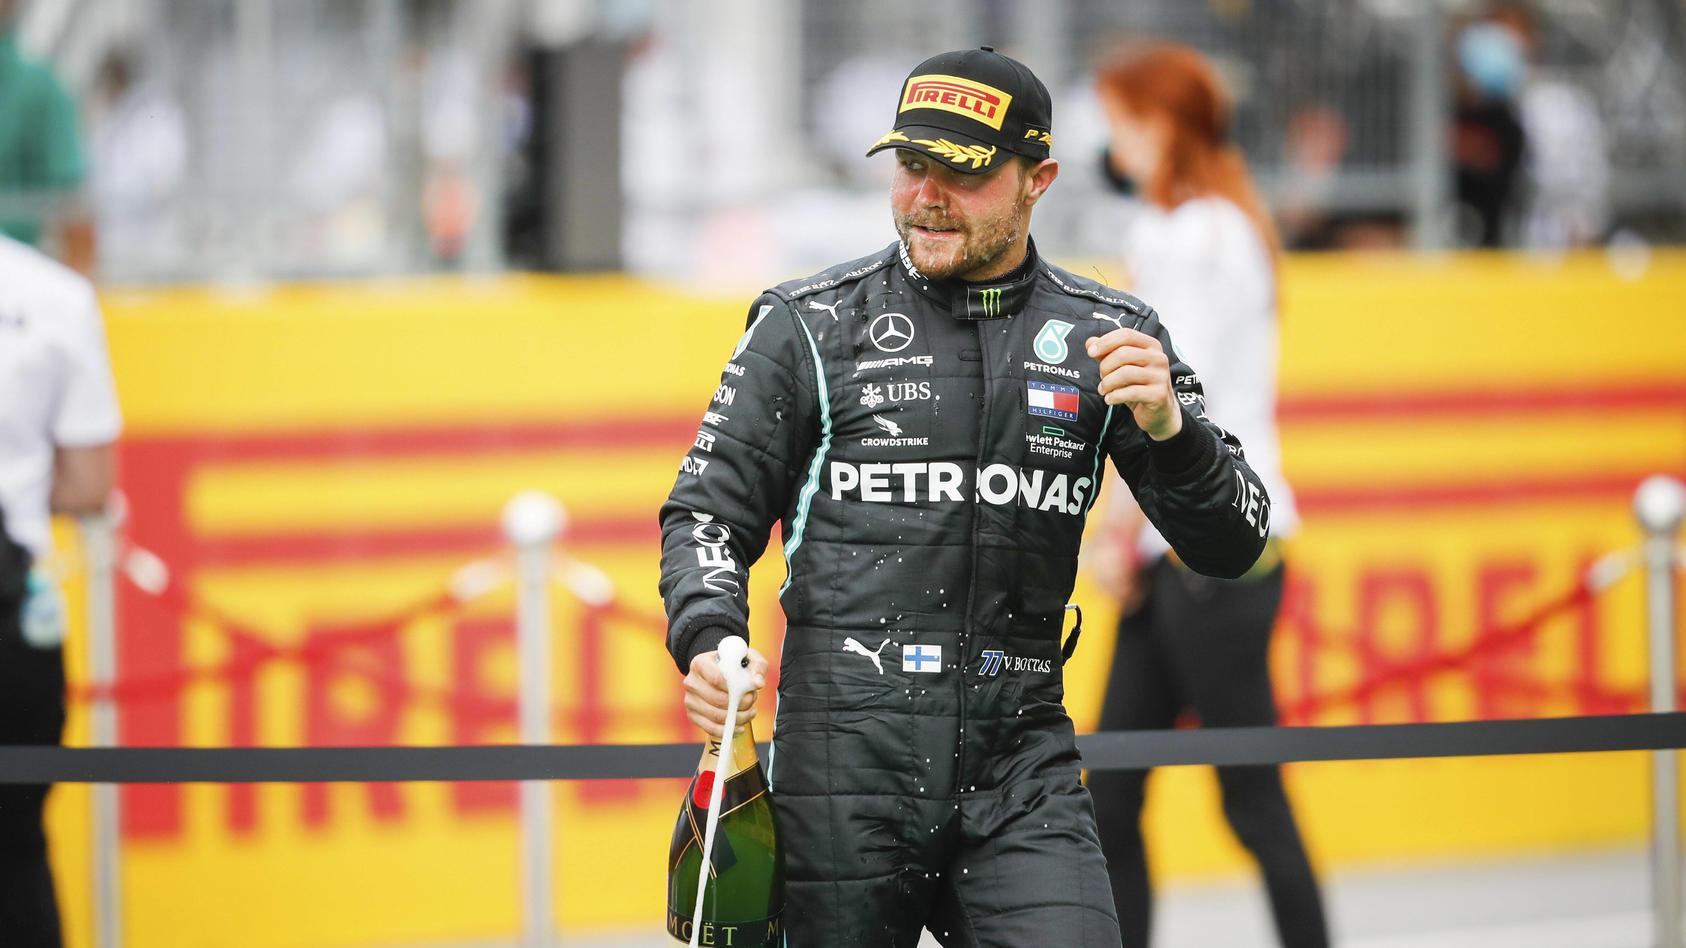 Motorsports: FIA Formula One World Championship, WM, Weltmeisterschaft 2020, Grand Prix of Styria, 77 Valtteri Bottas (